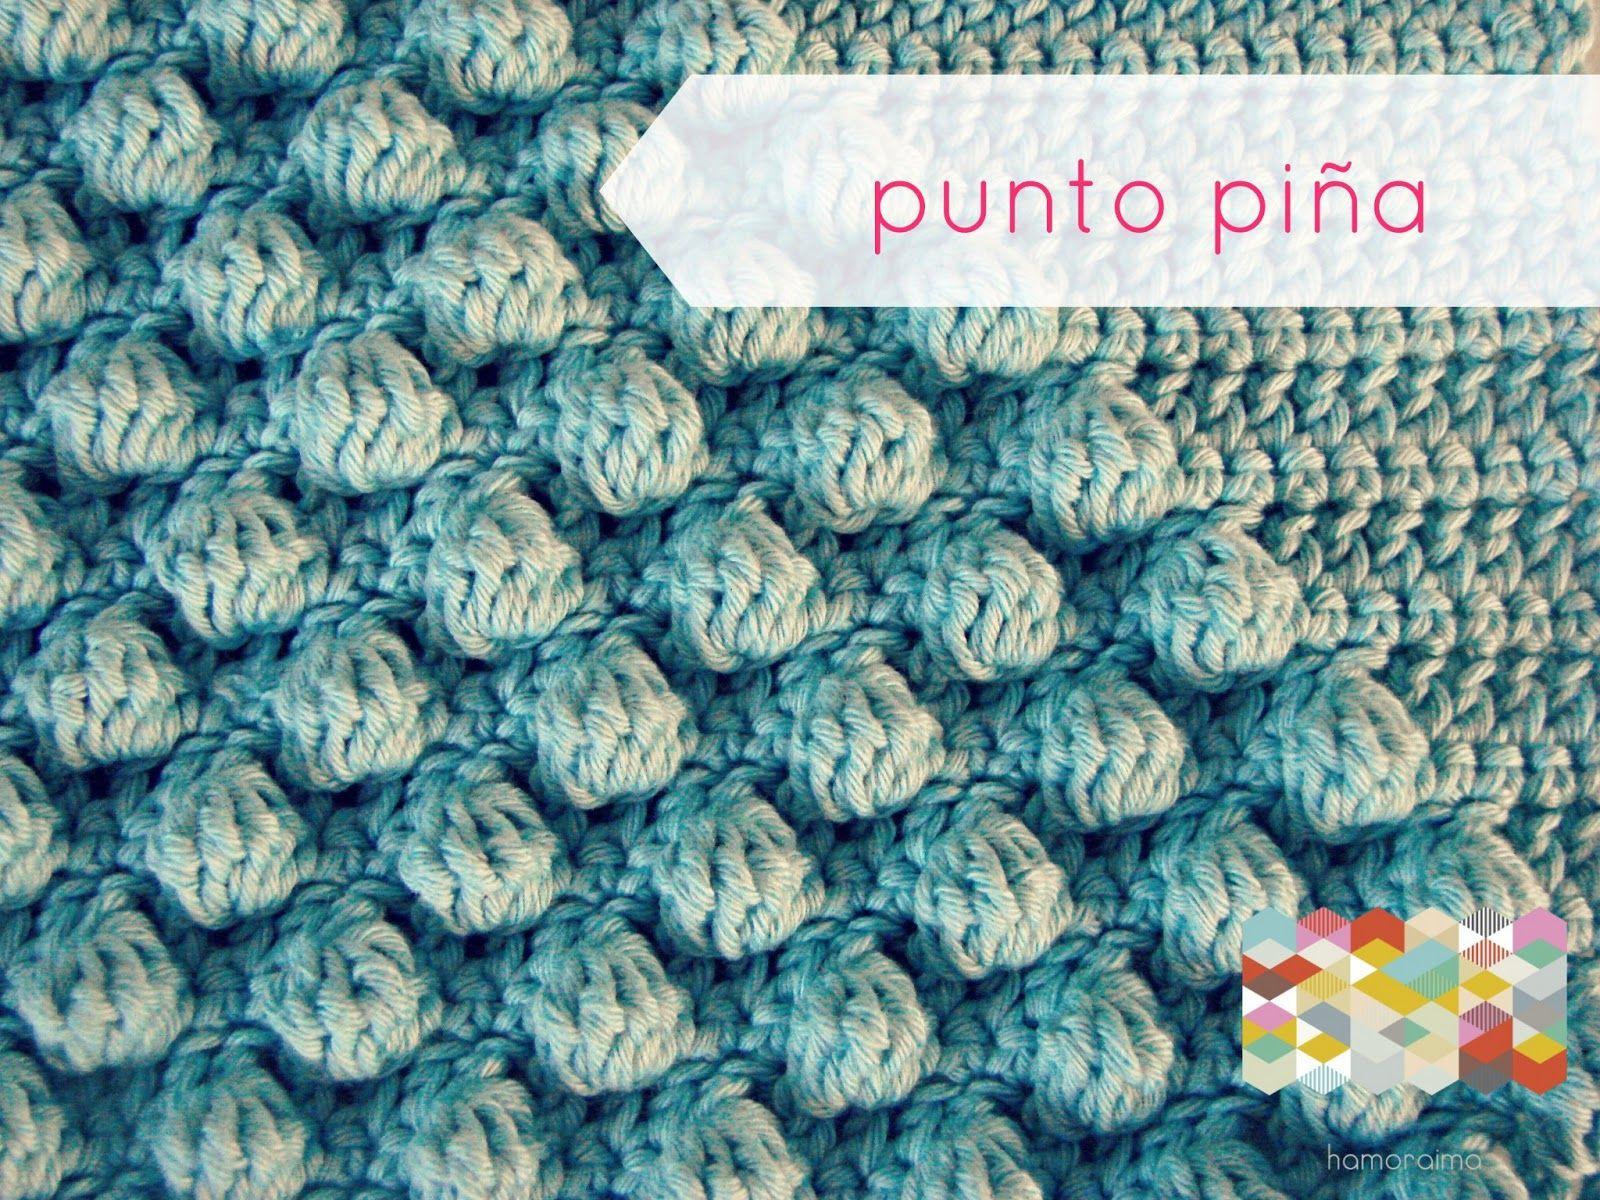 hamoraima: punto piña a ganchillo ♥   Crochet Technique & Tutorial ...